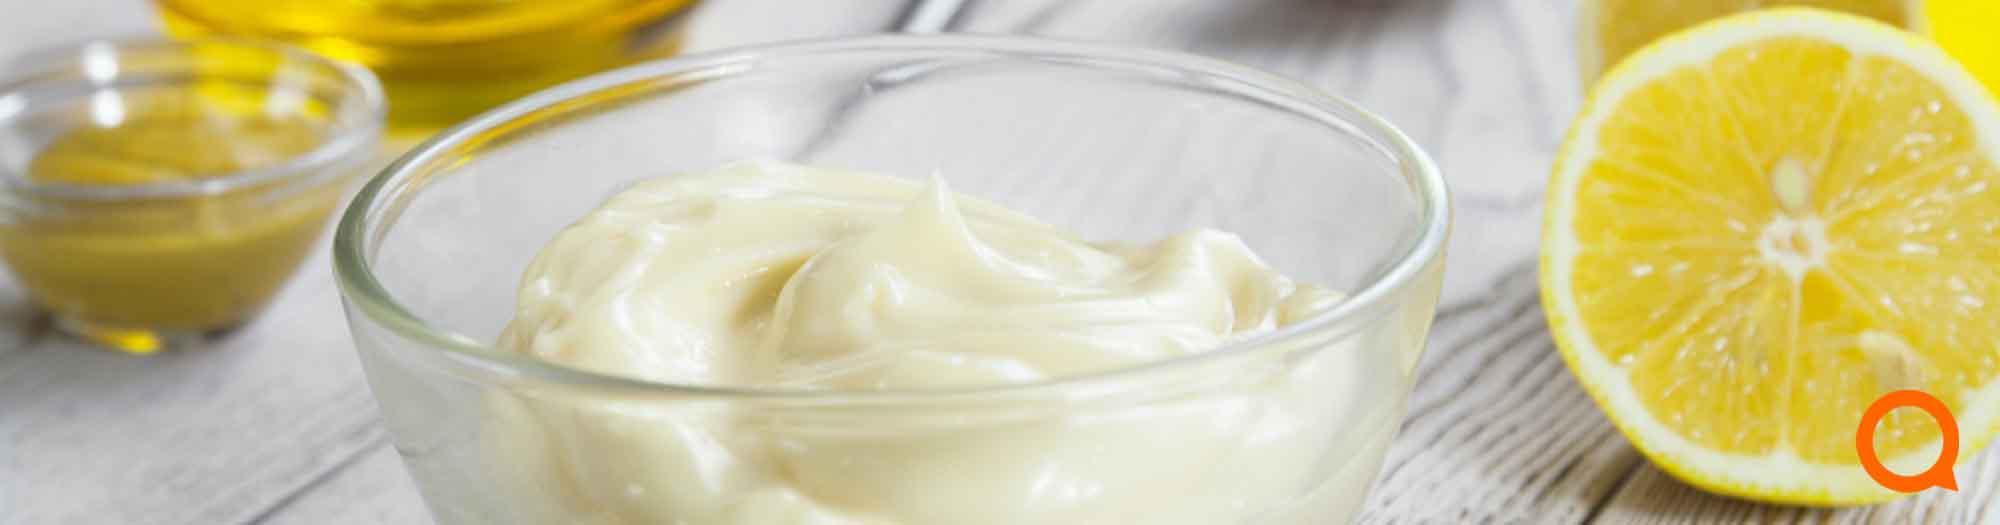 Sauzen & mayonaise